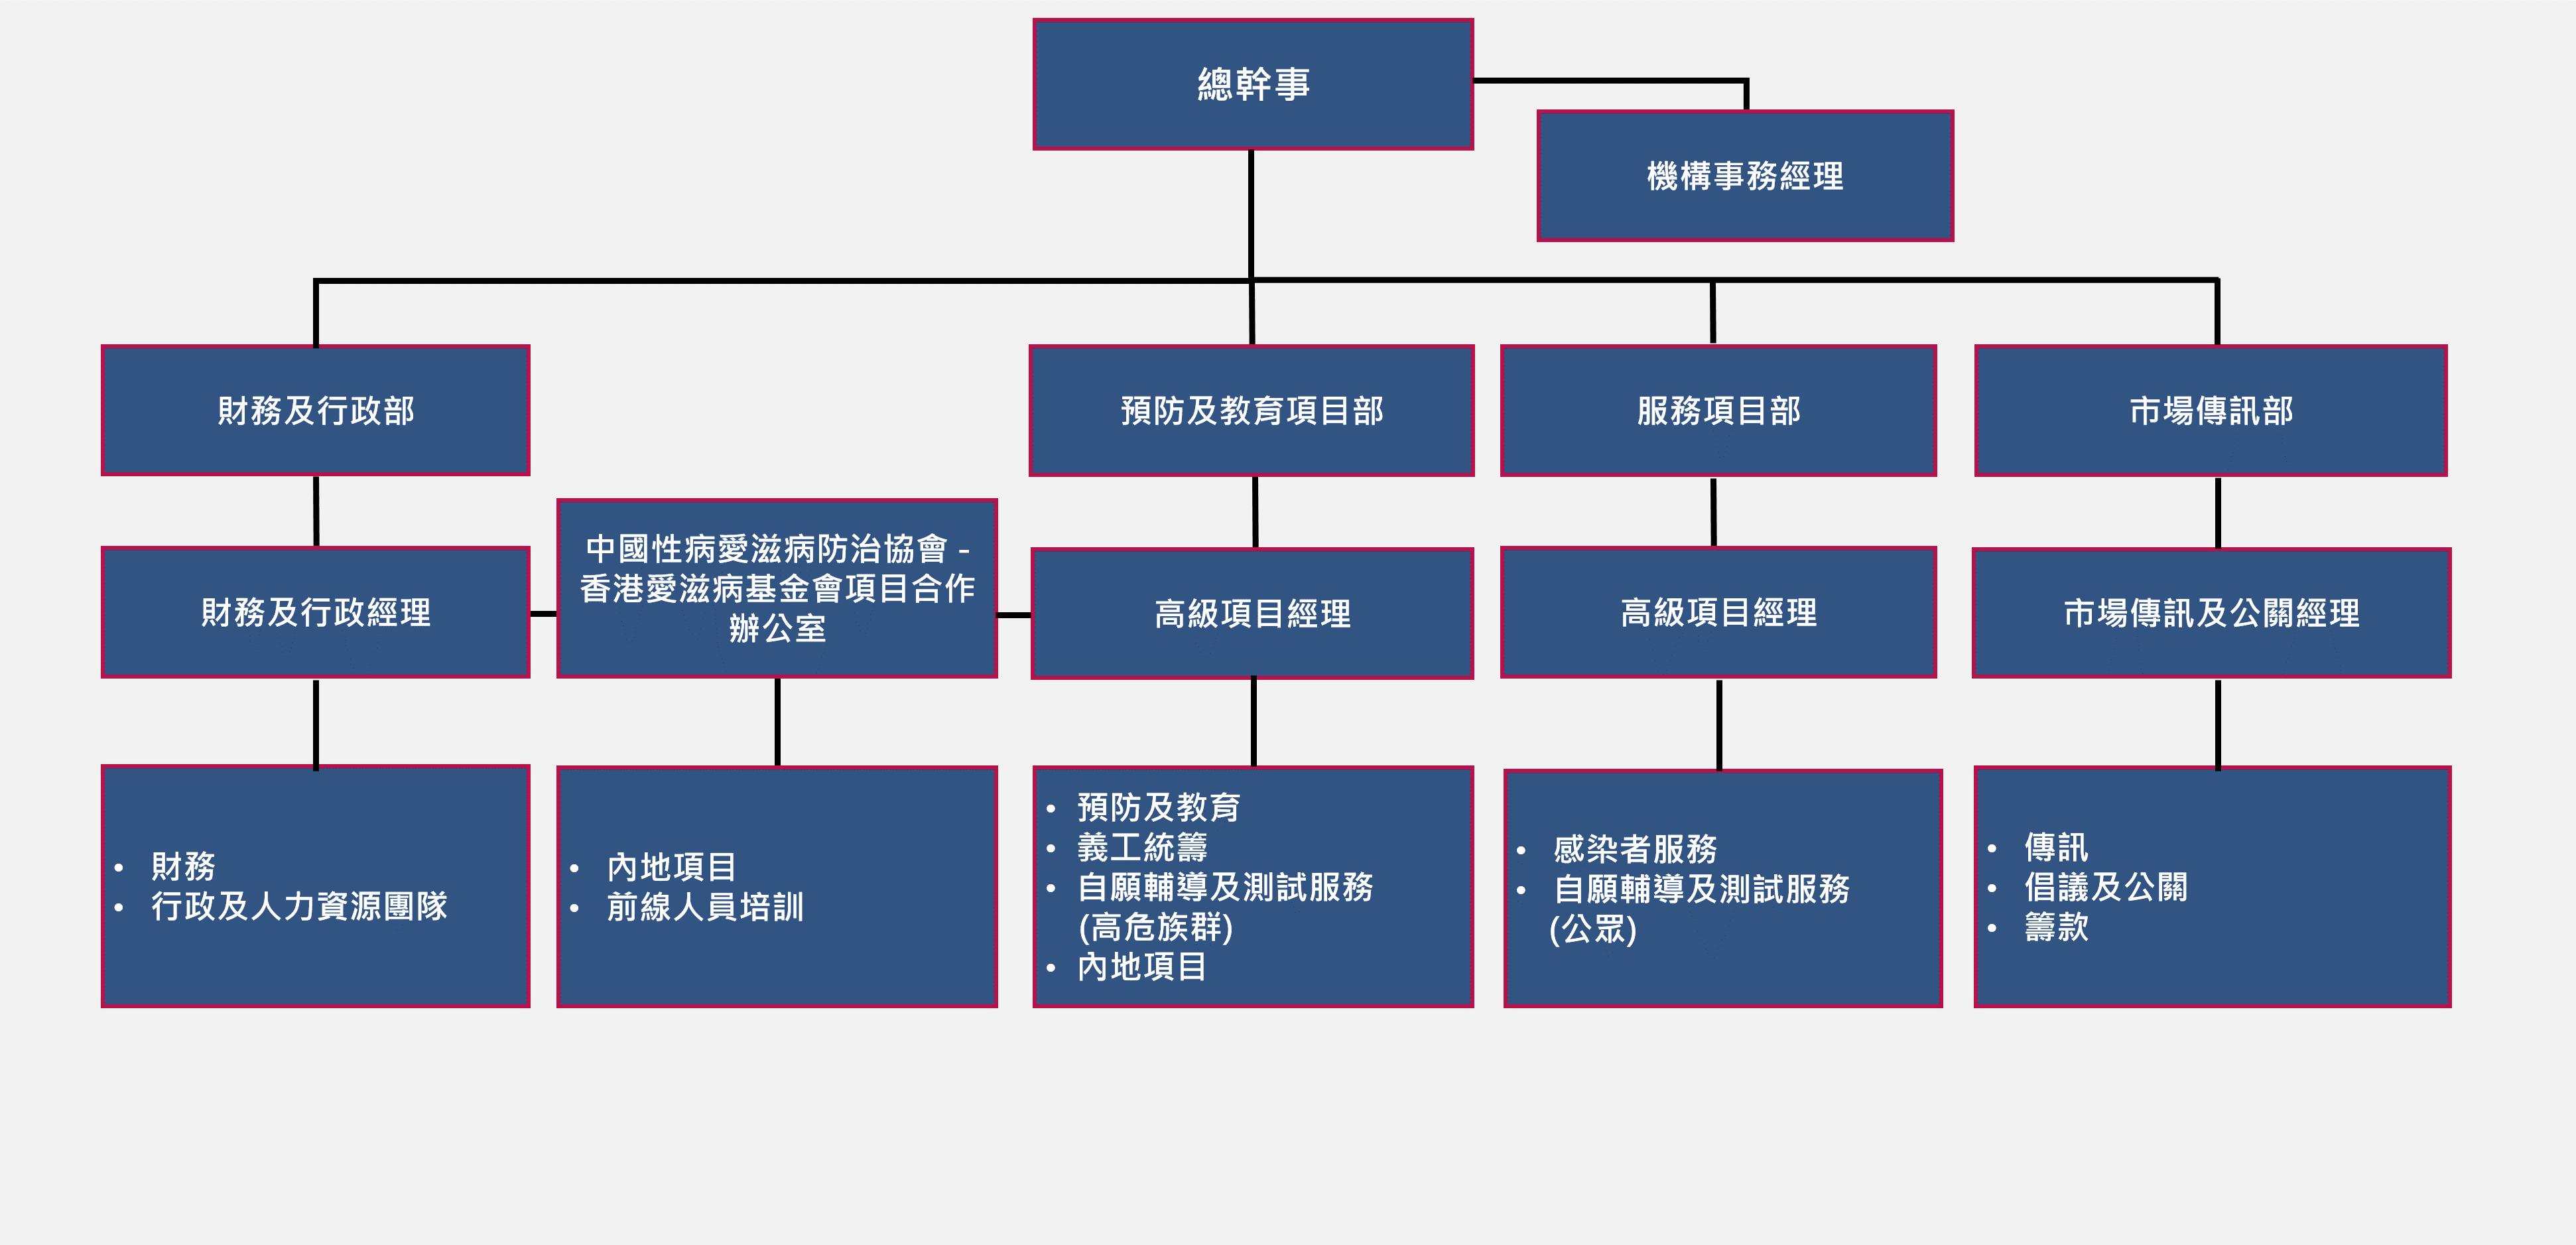 HKAF_Structure_sec_2018_tc